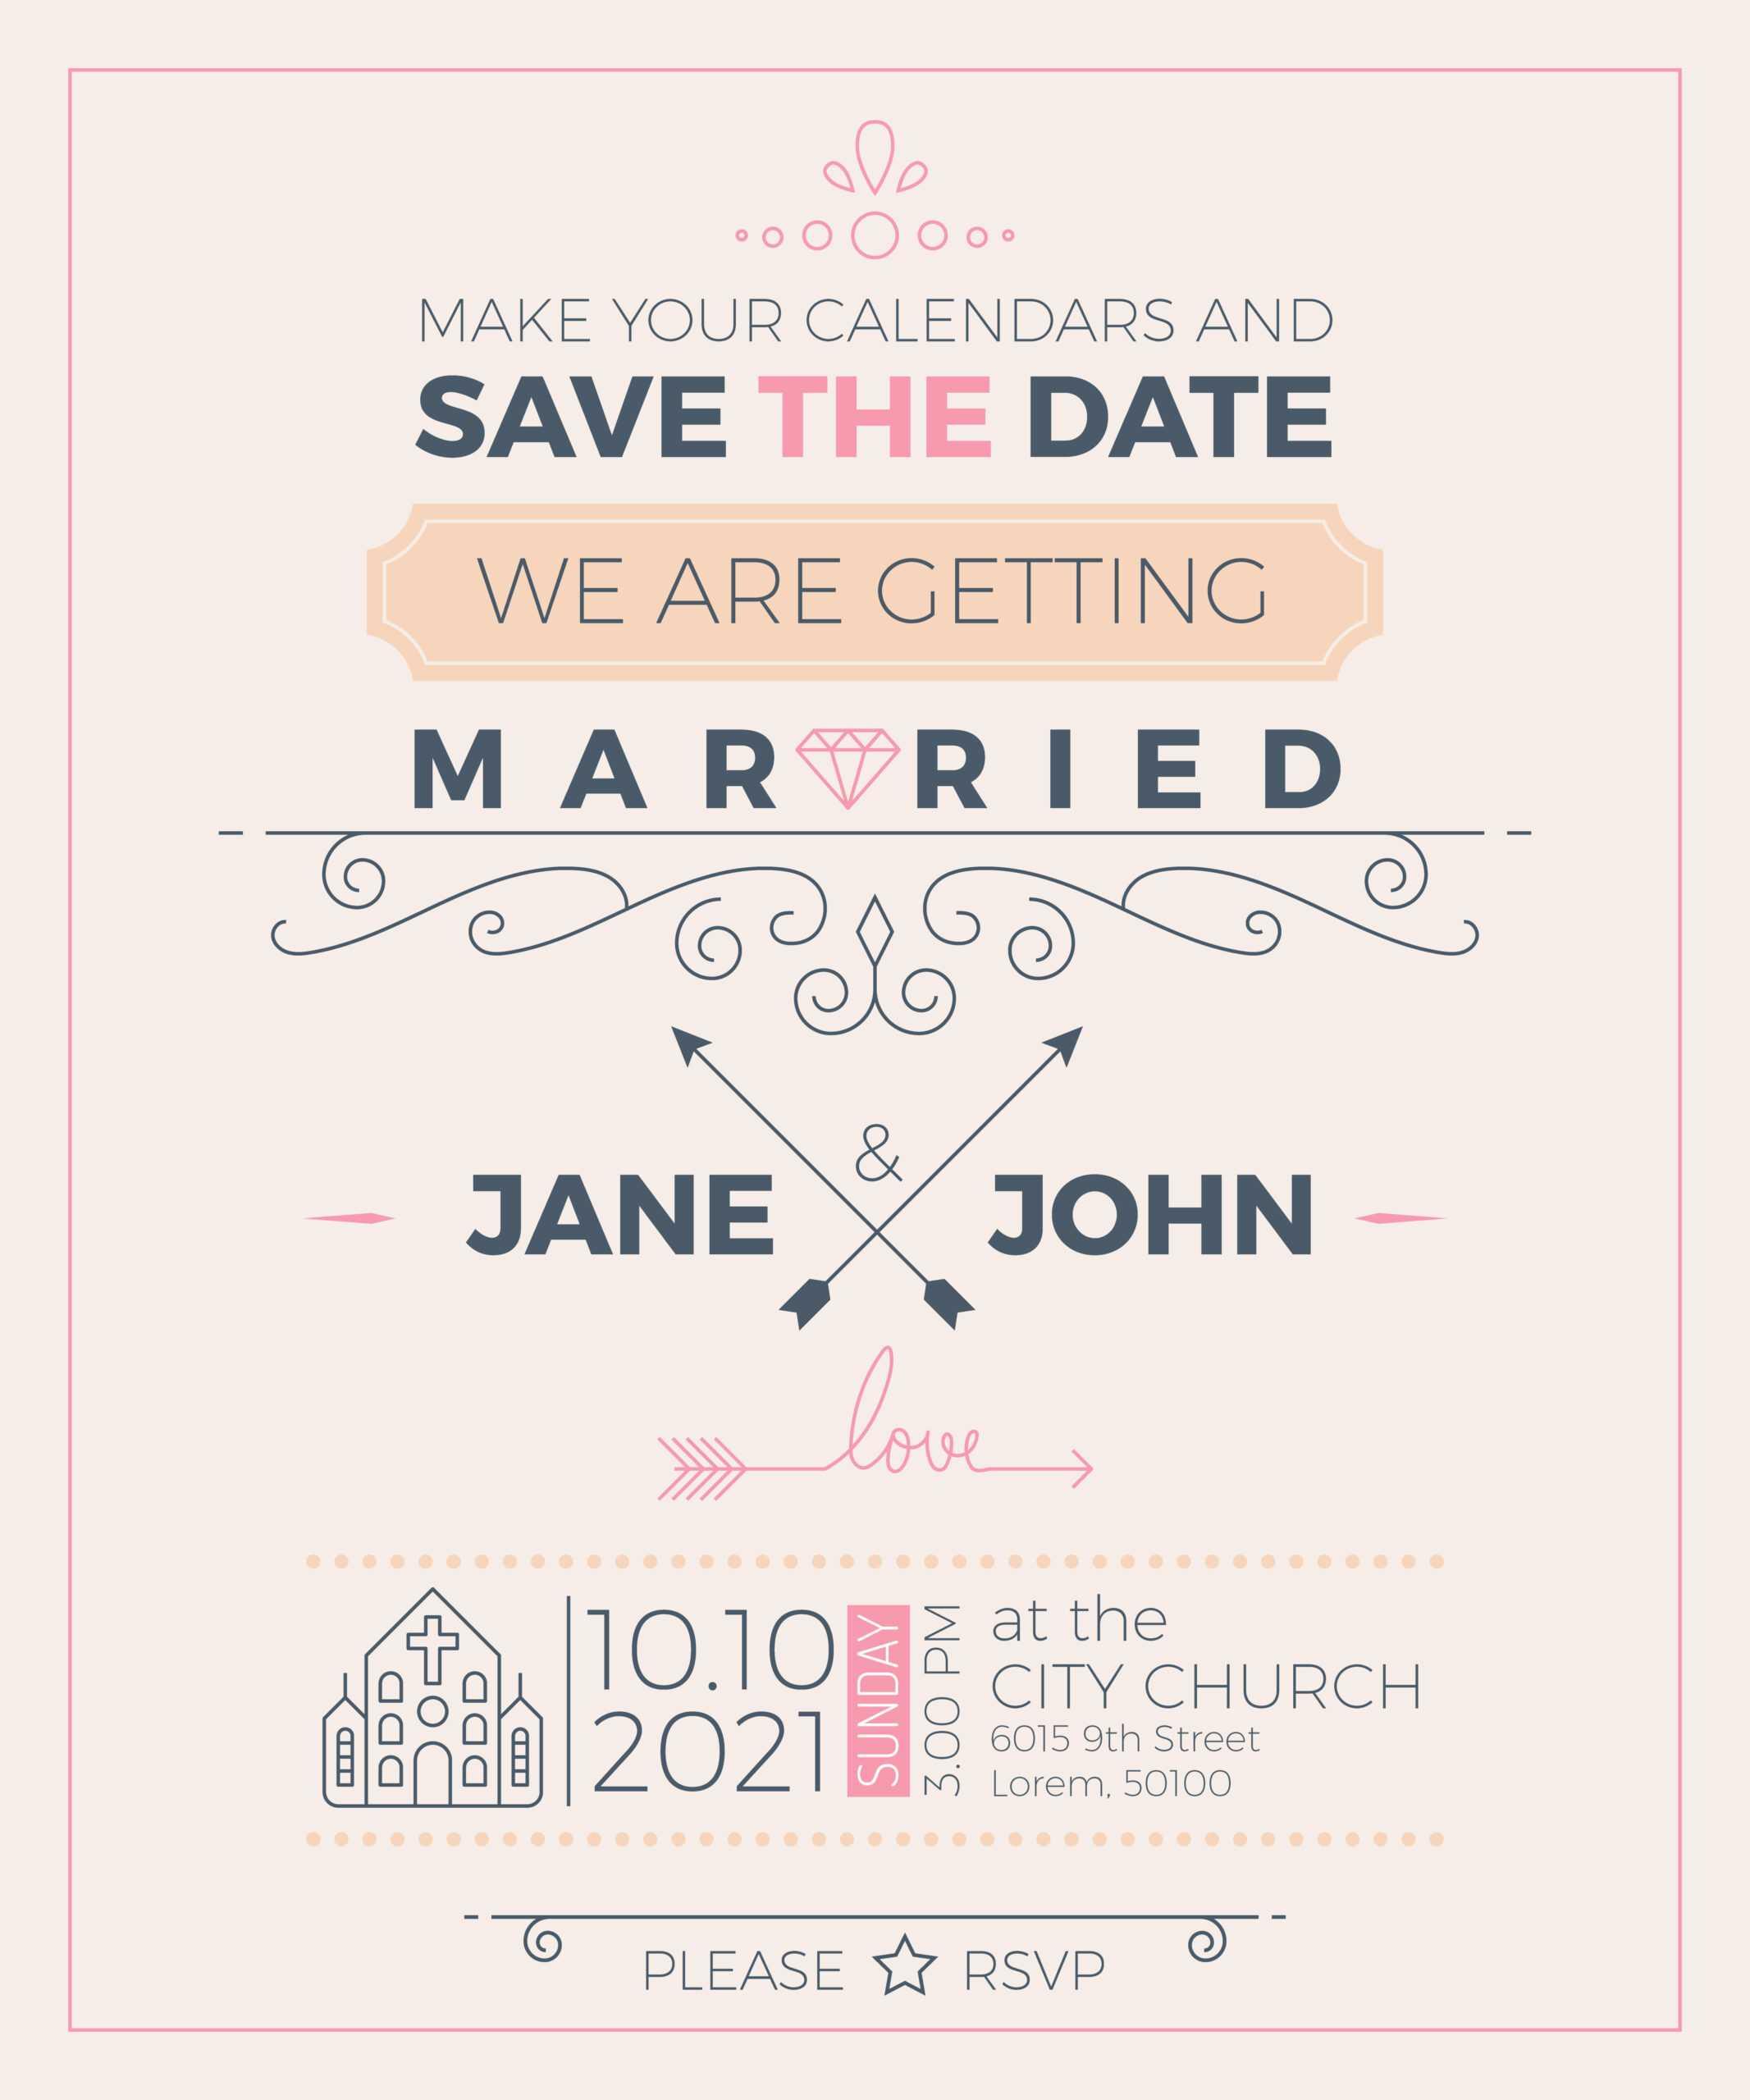 Vintage Wedding Invitation Card Template - Download Free In Church Wedding Invitation Card Template